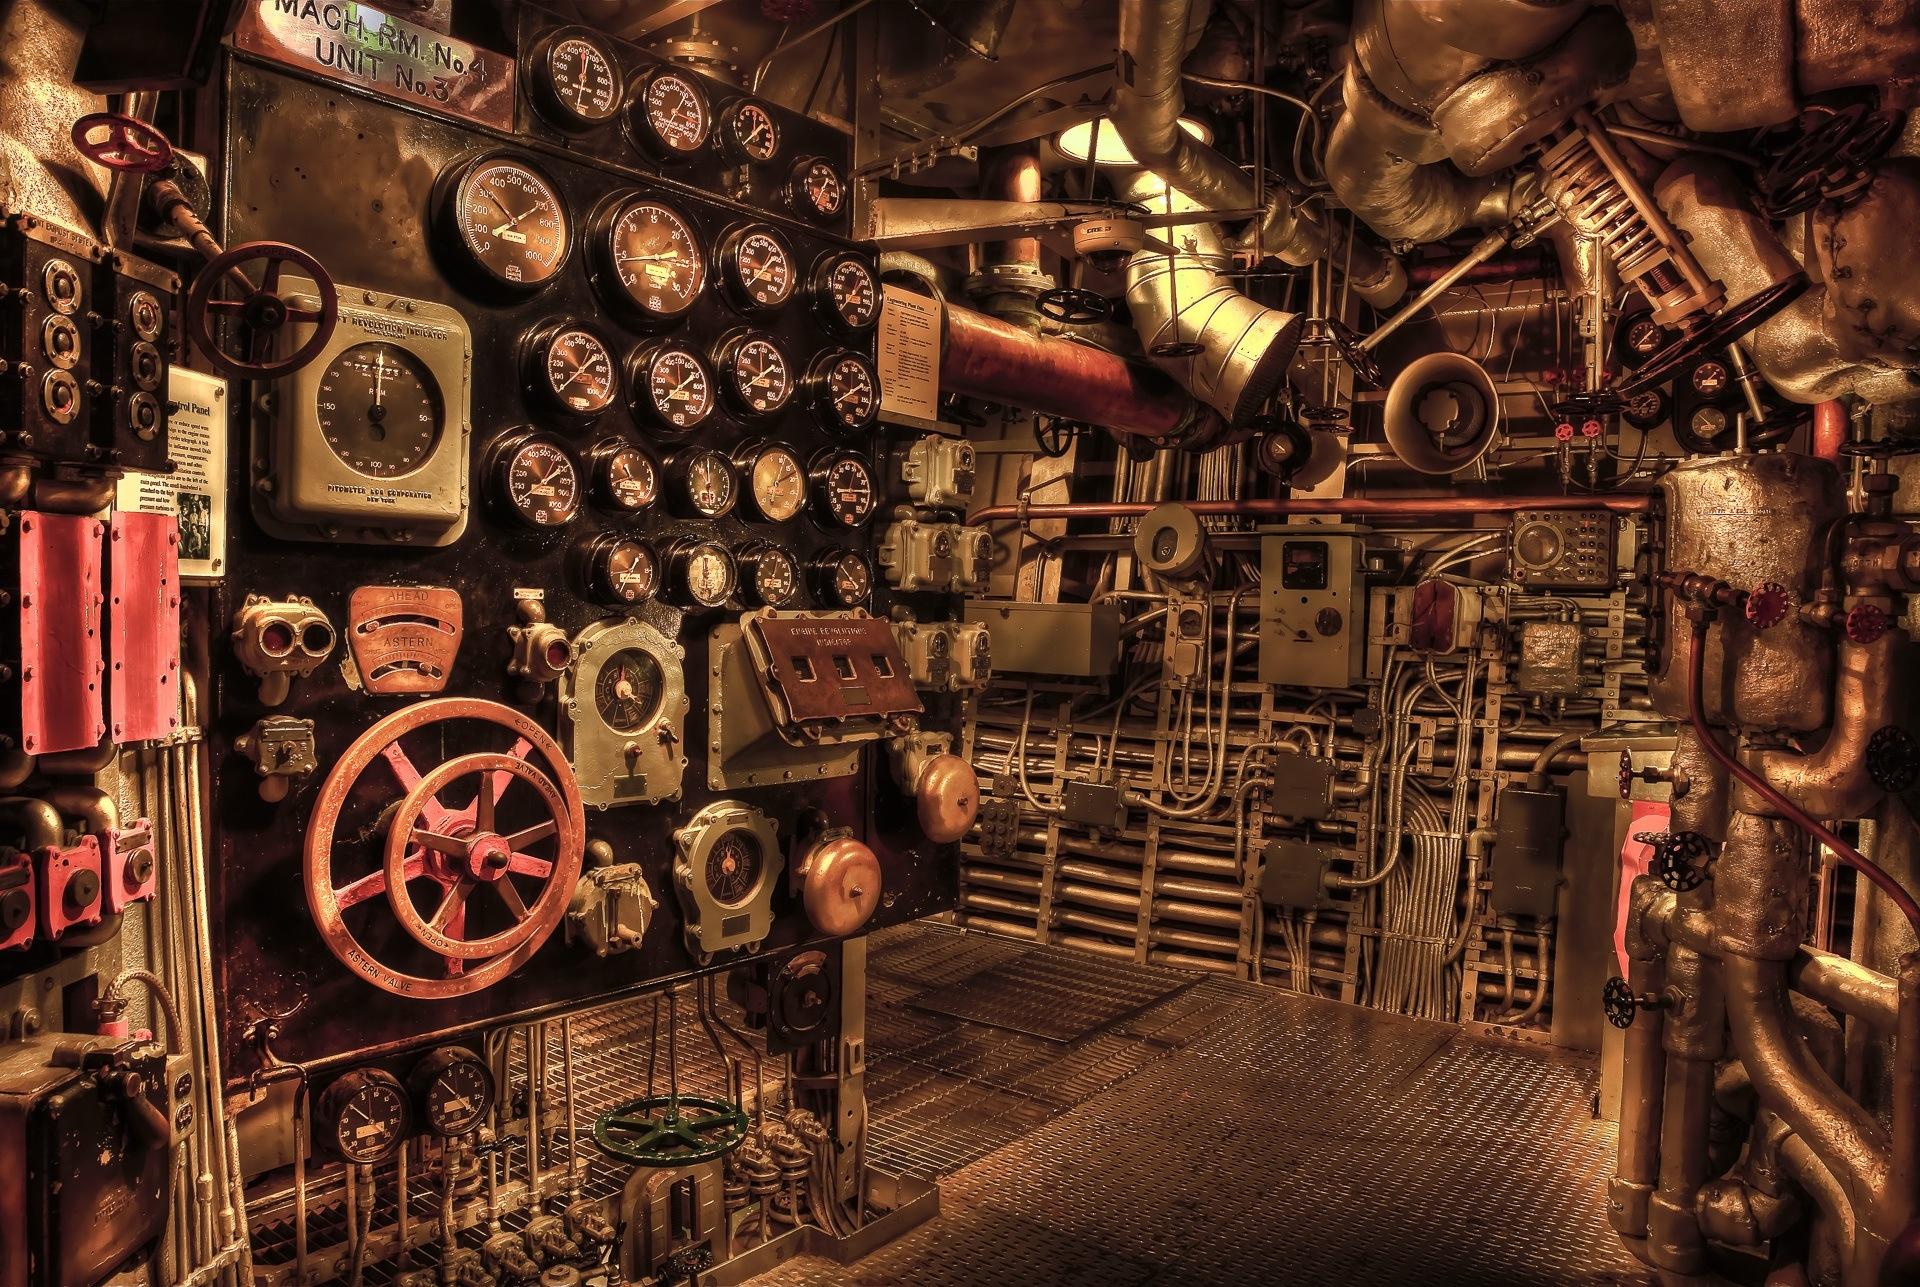 машинный зал, клапаны, Шестерни, ключи, машина - Обои для рабочего стола HD - Профессор falken.com